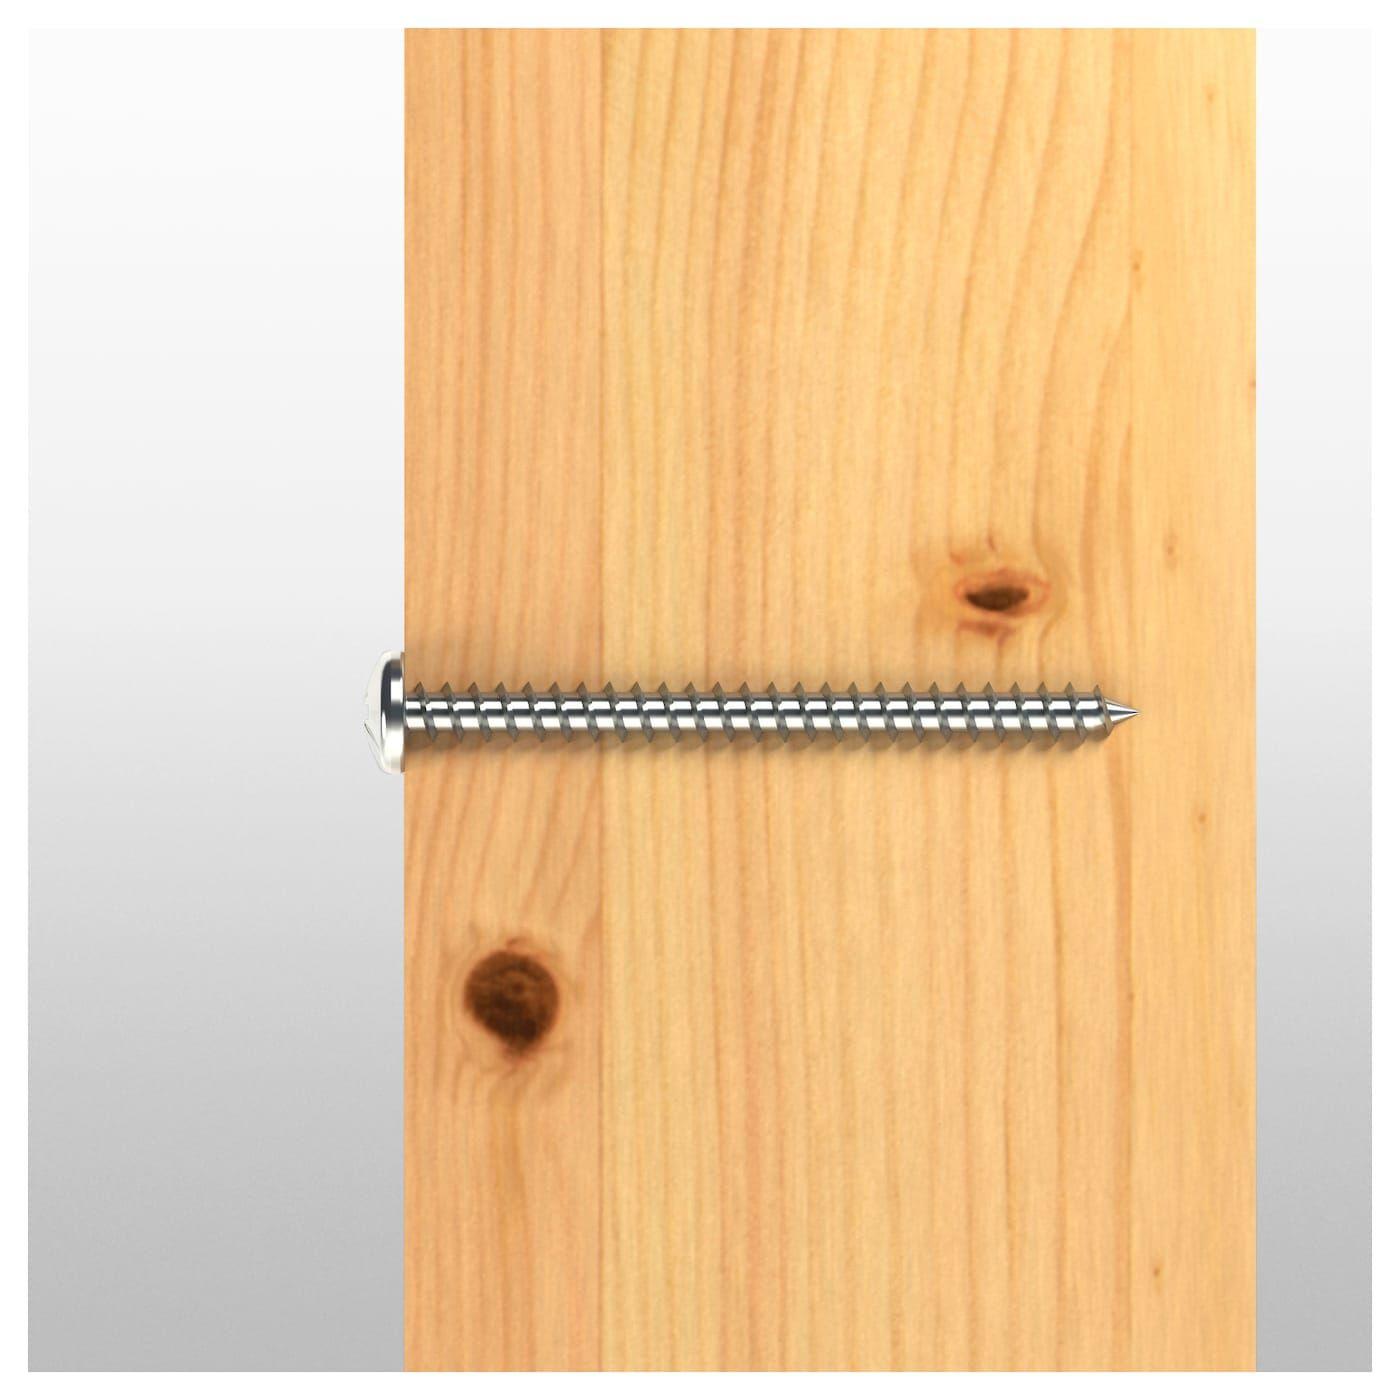 Fixa Schrauben Und Dubel Set 260 Teile Dubel Verzinkter Stahl Und Schrauben